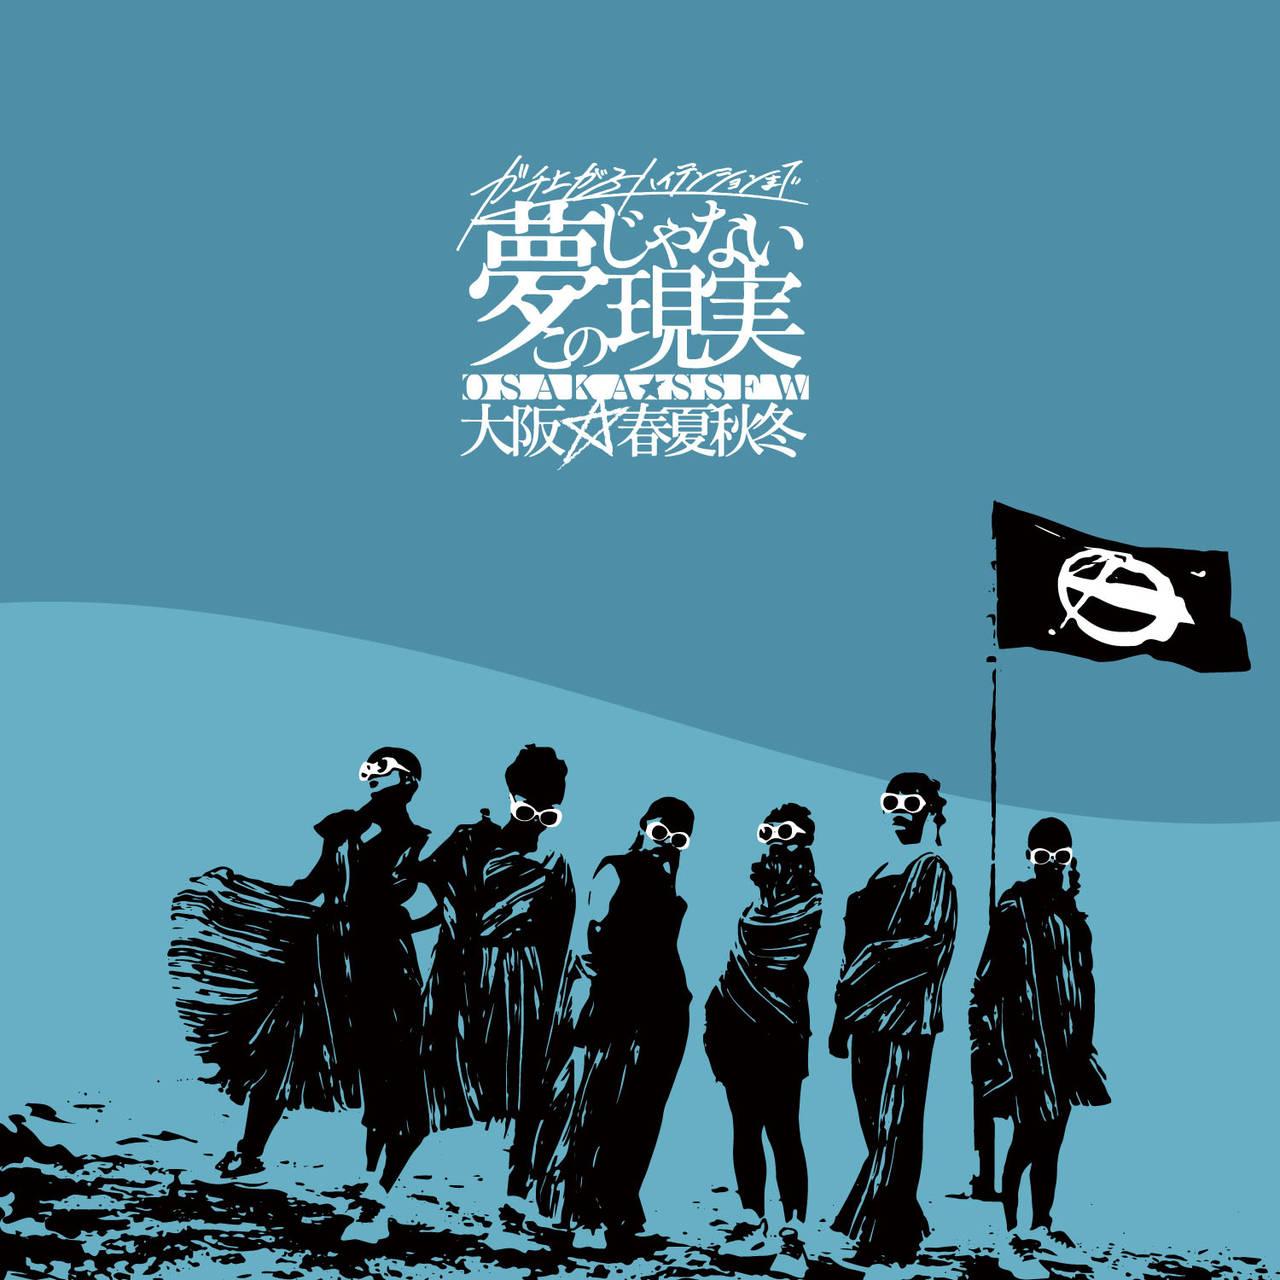 CD+Blu-ray: AVCD-96308/B ¥2,778+税